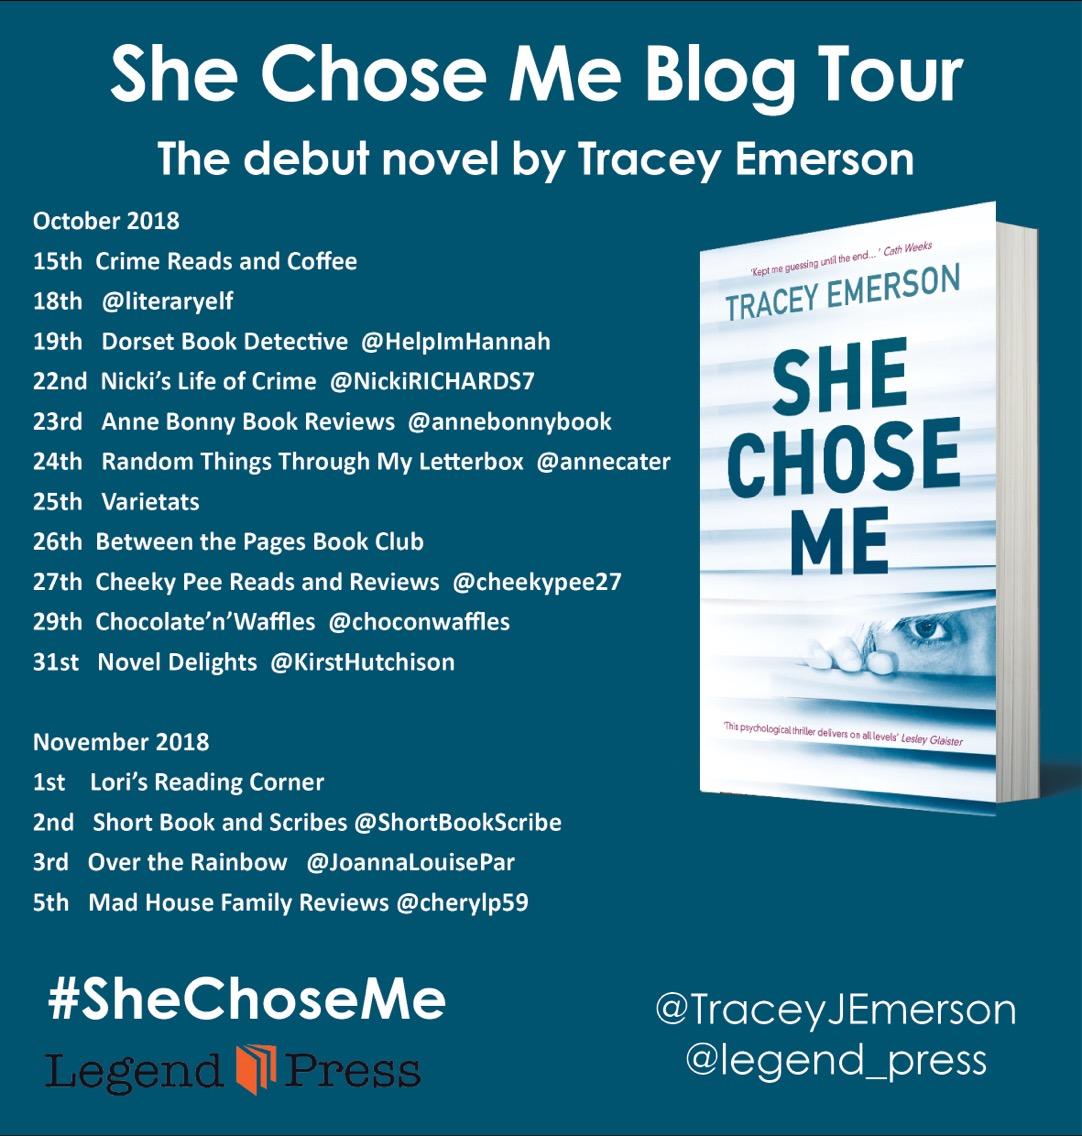 She-Chose-Me-blog-tour